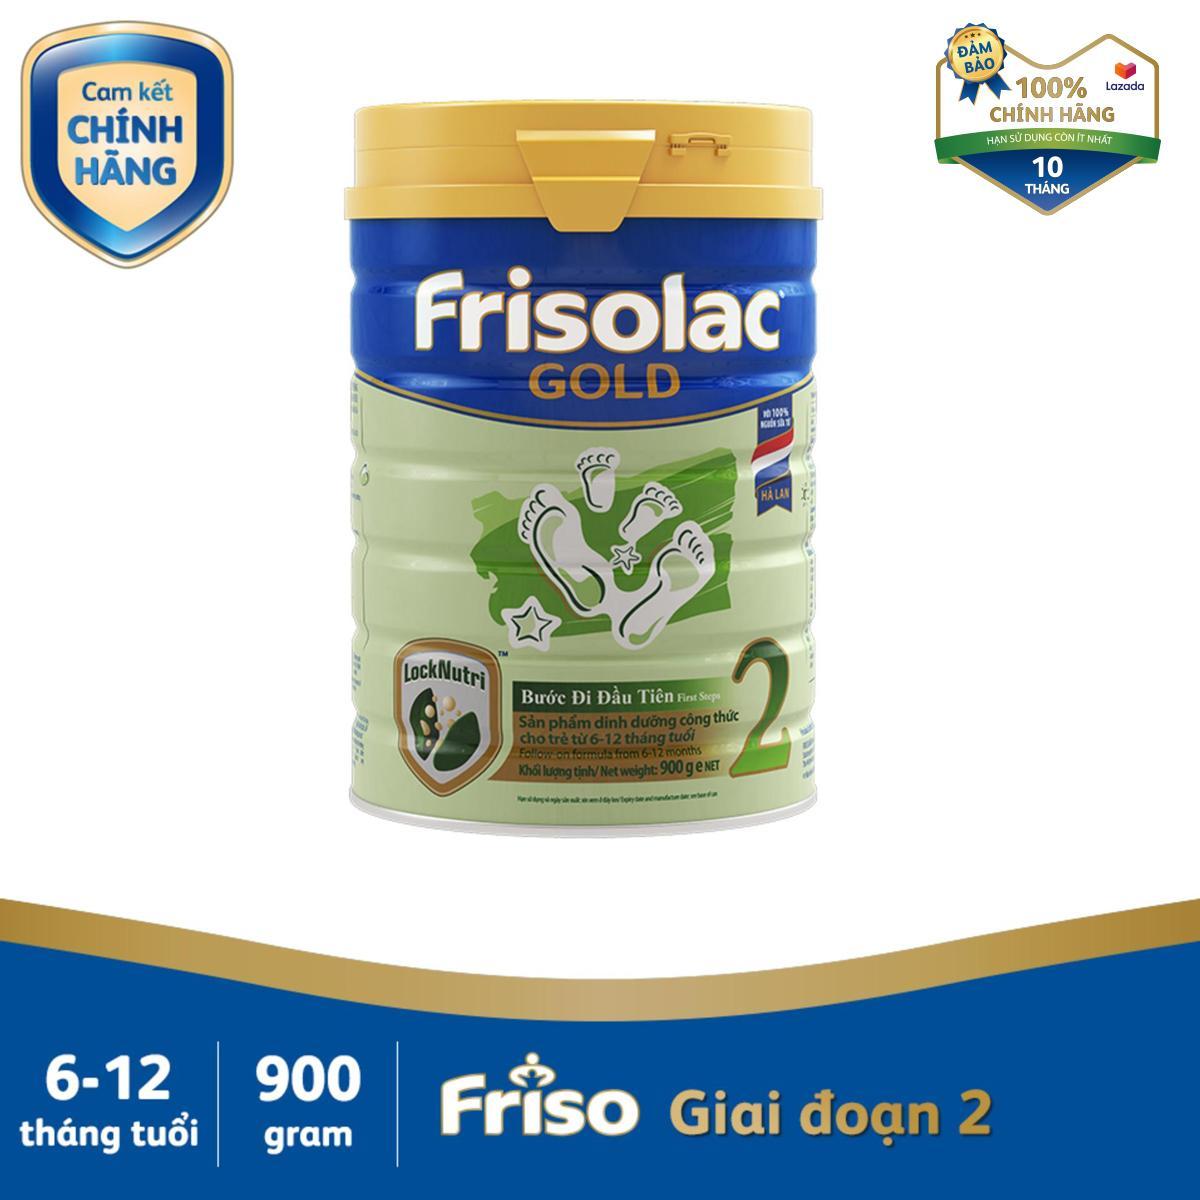 Sữa Bột Friso Gold 2 900g Cho Trẻ Từ 6-12 Tháng - Cam Kết HSD ít Nhất 10 Tháng Giá Rẻ Nhất Thị Trường